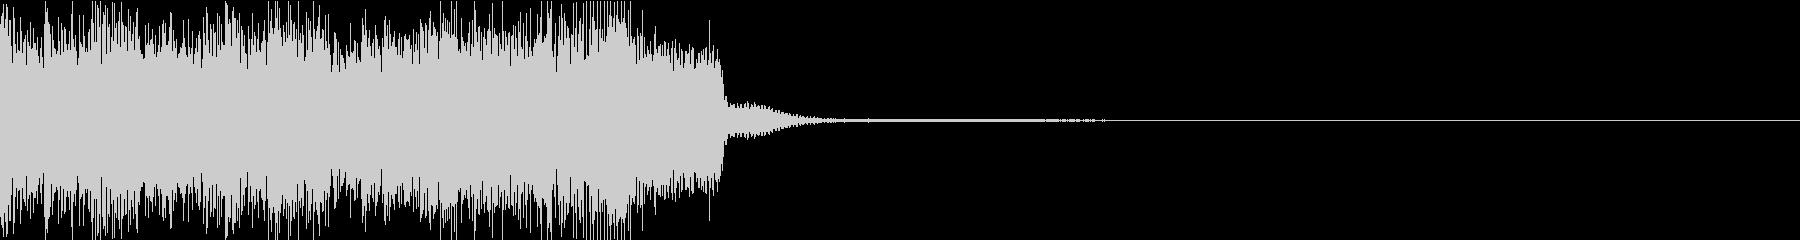 バトル直後向けエレクトロニカジングルの未再生の波形